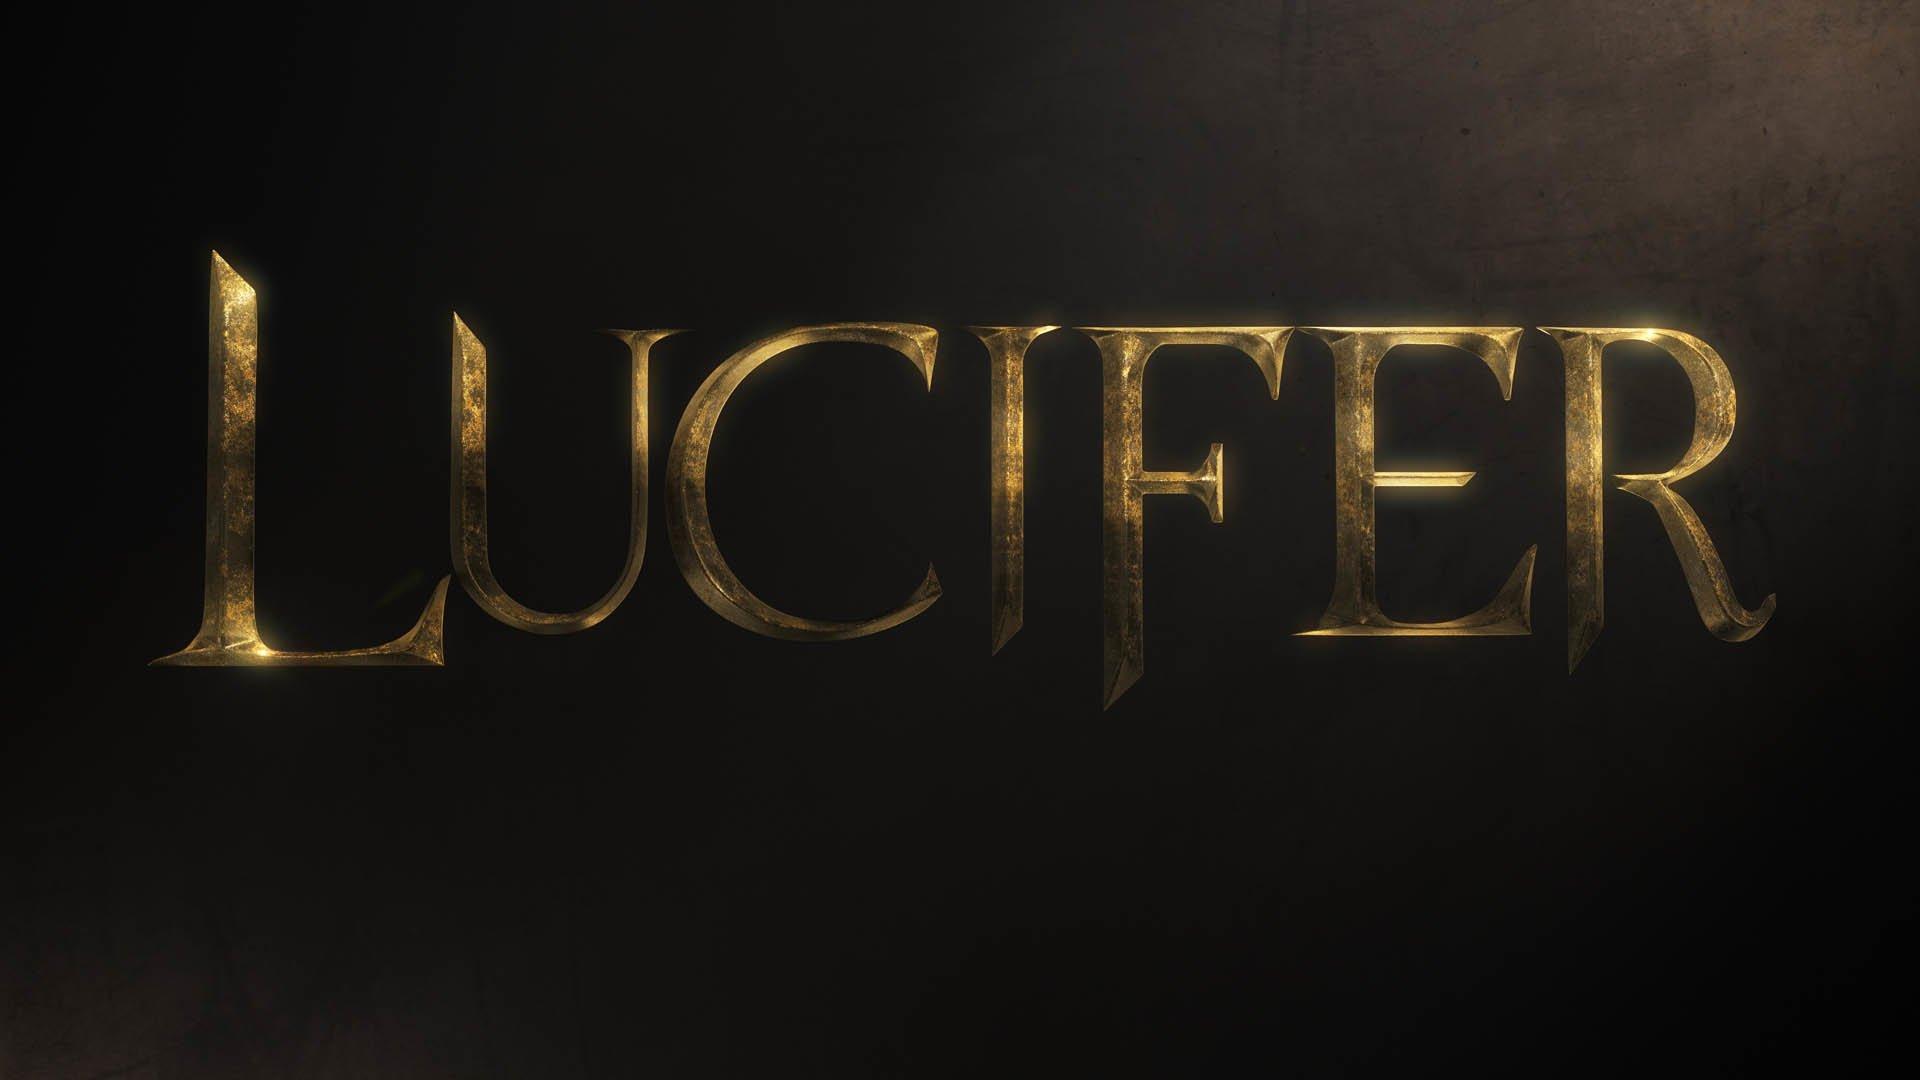 lucifer logo wallpaper 70279